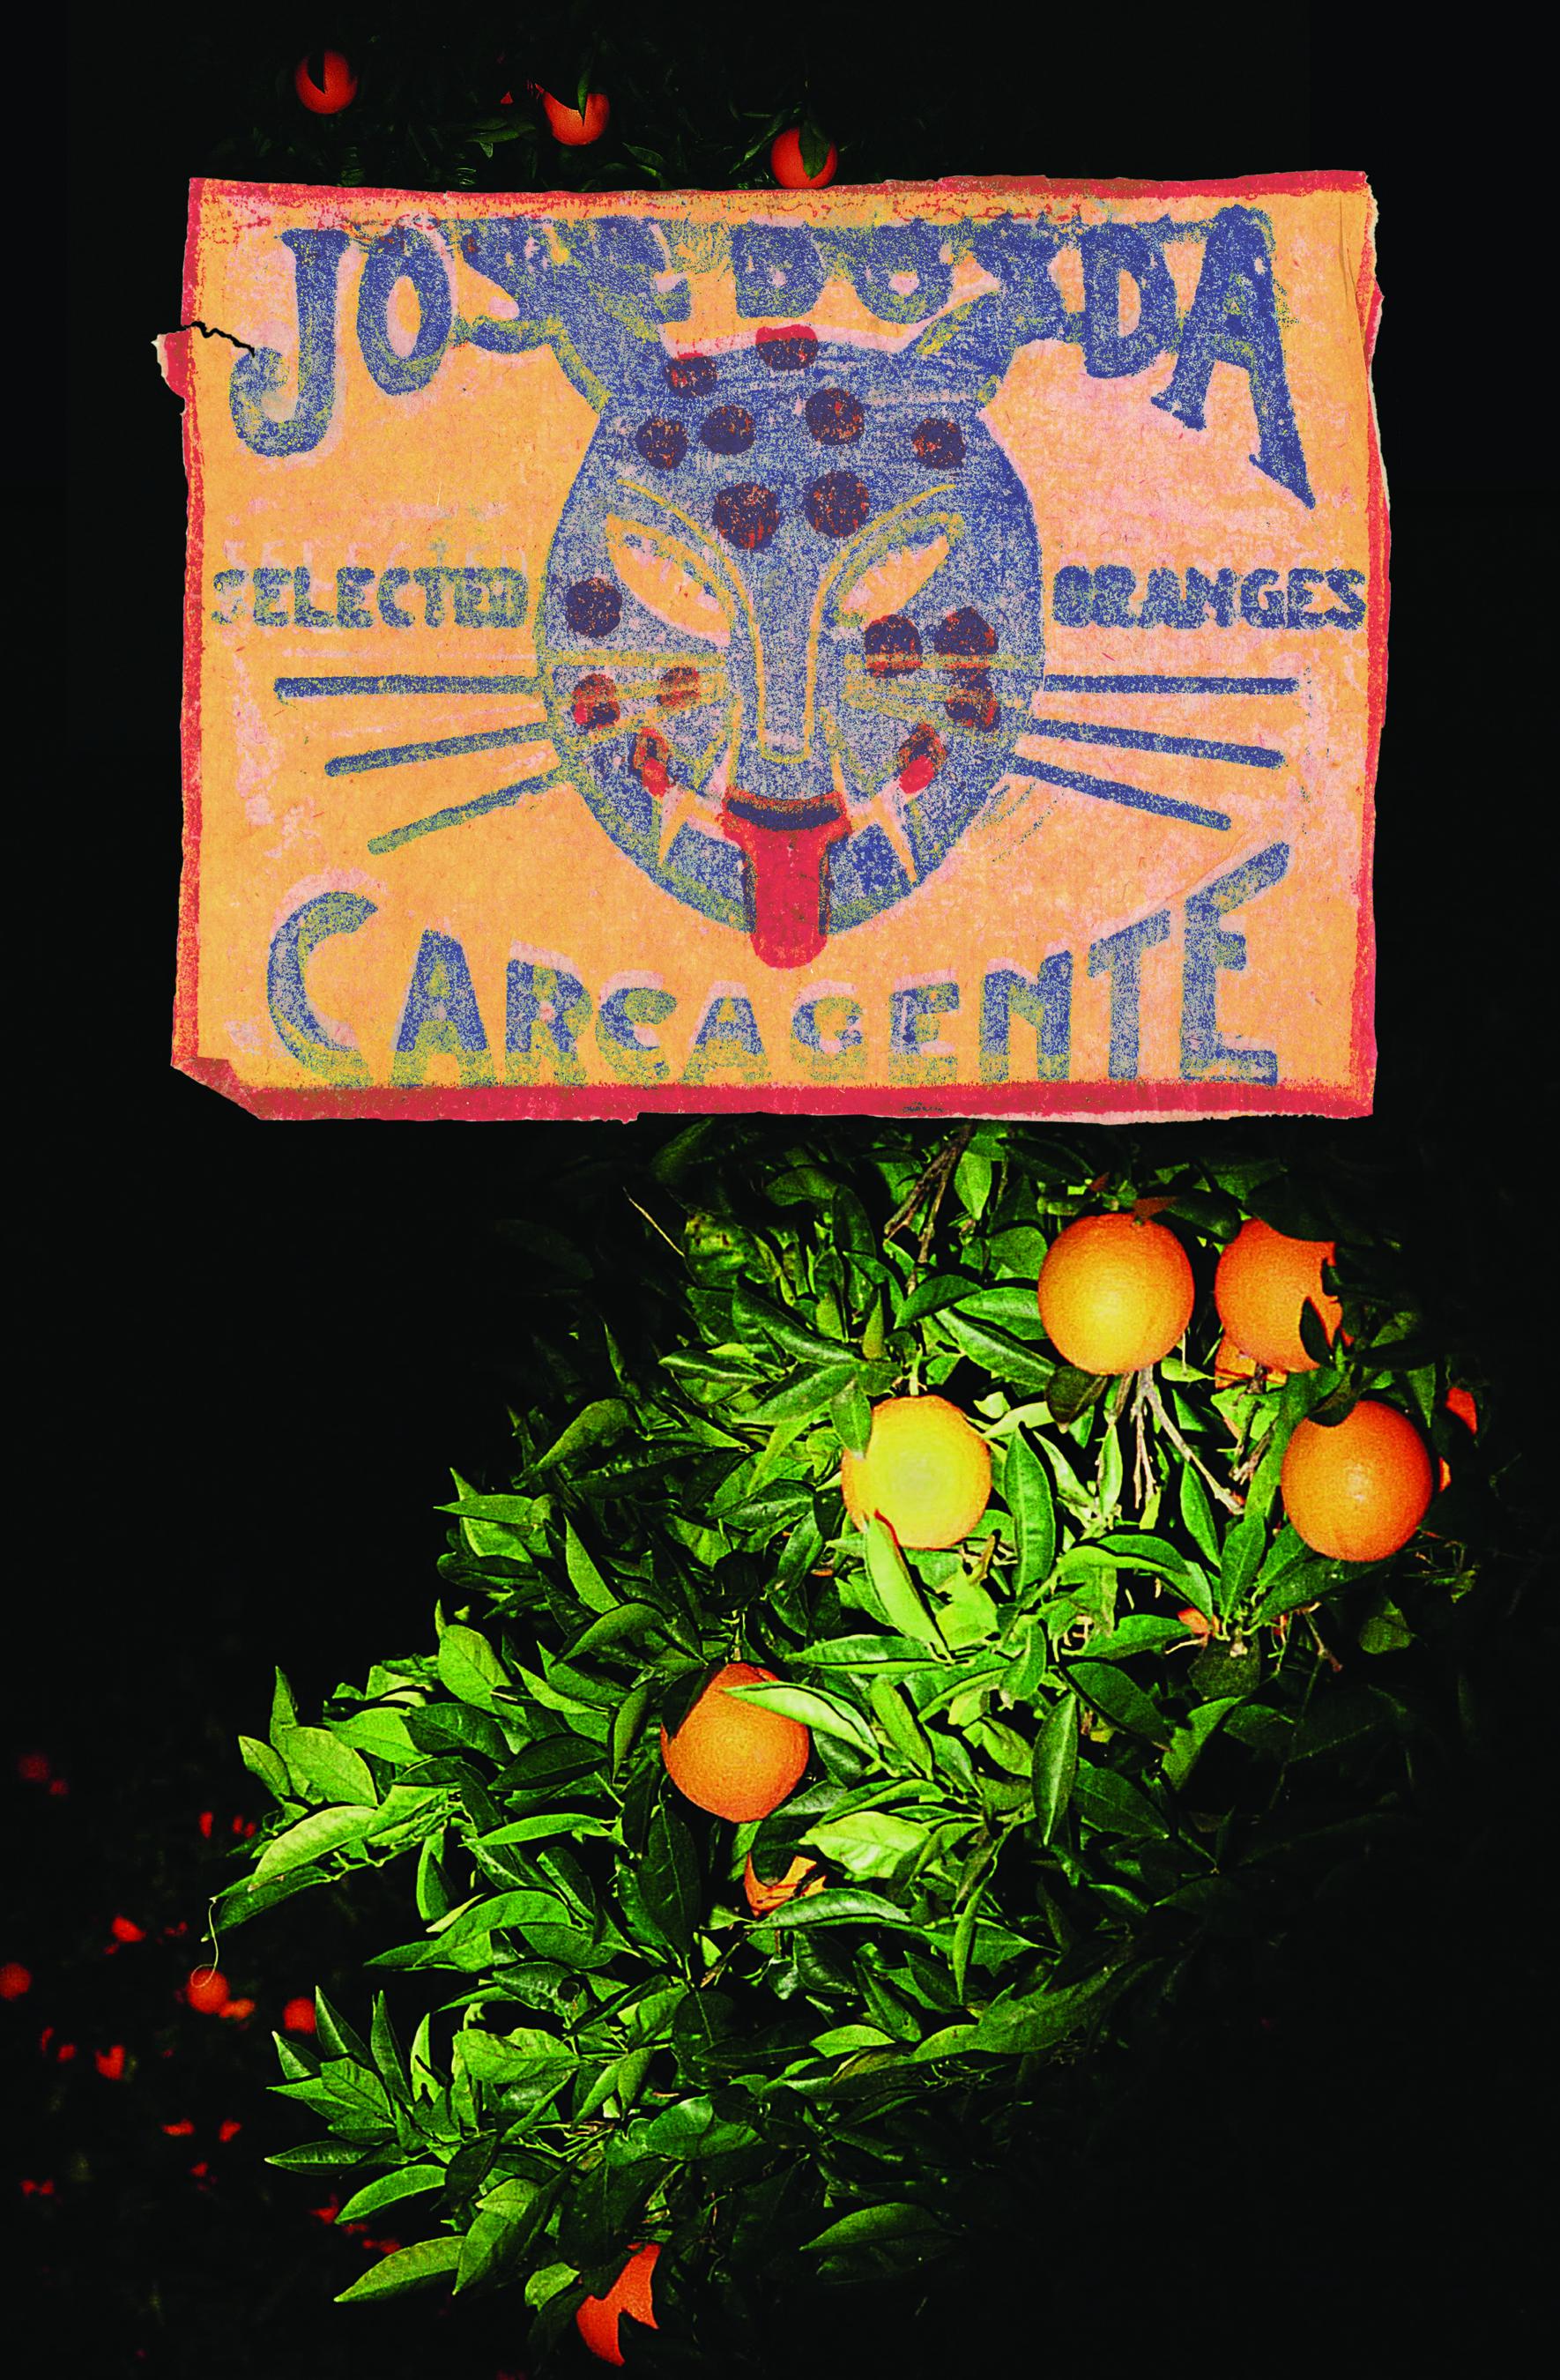 The Cat and oranges#1.jpg